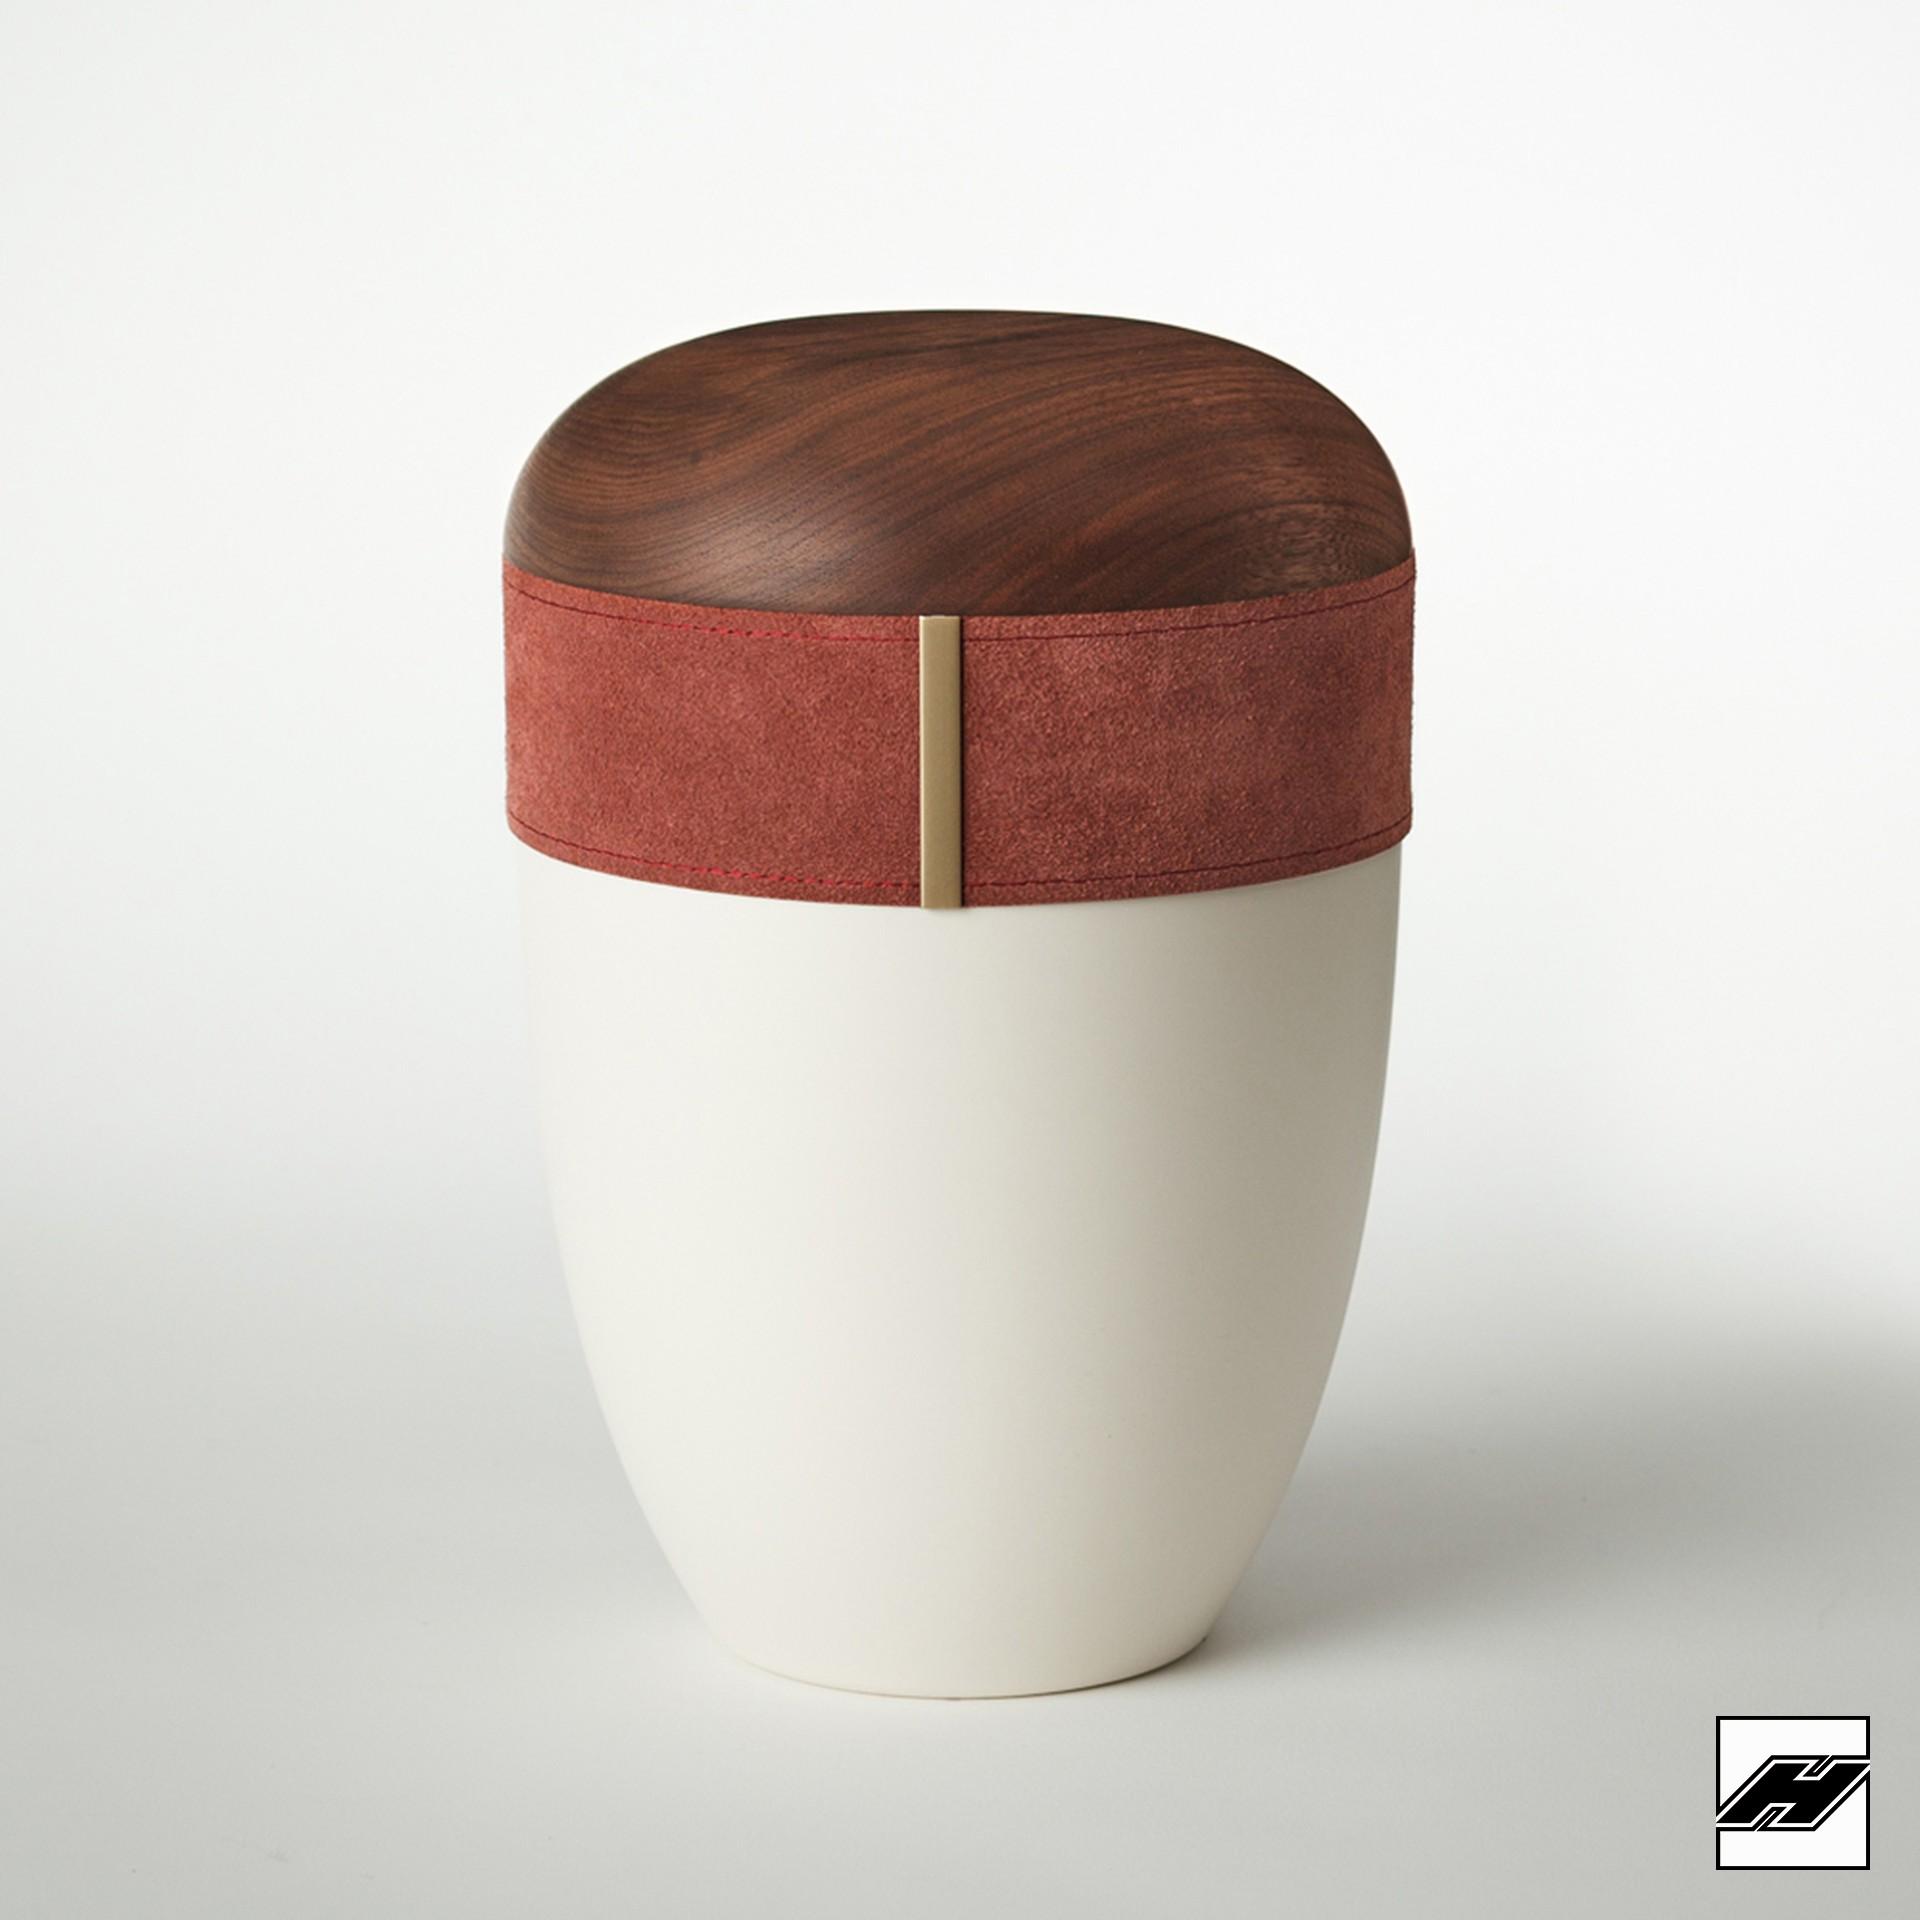 Urne Holz/Leder Bordeaux cremeweiß, mit Wildleder